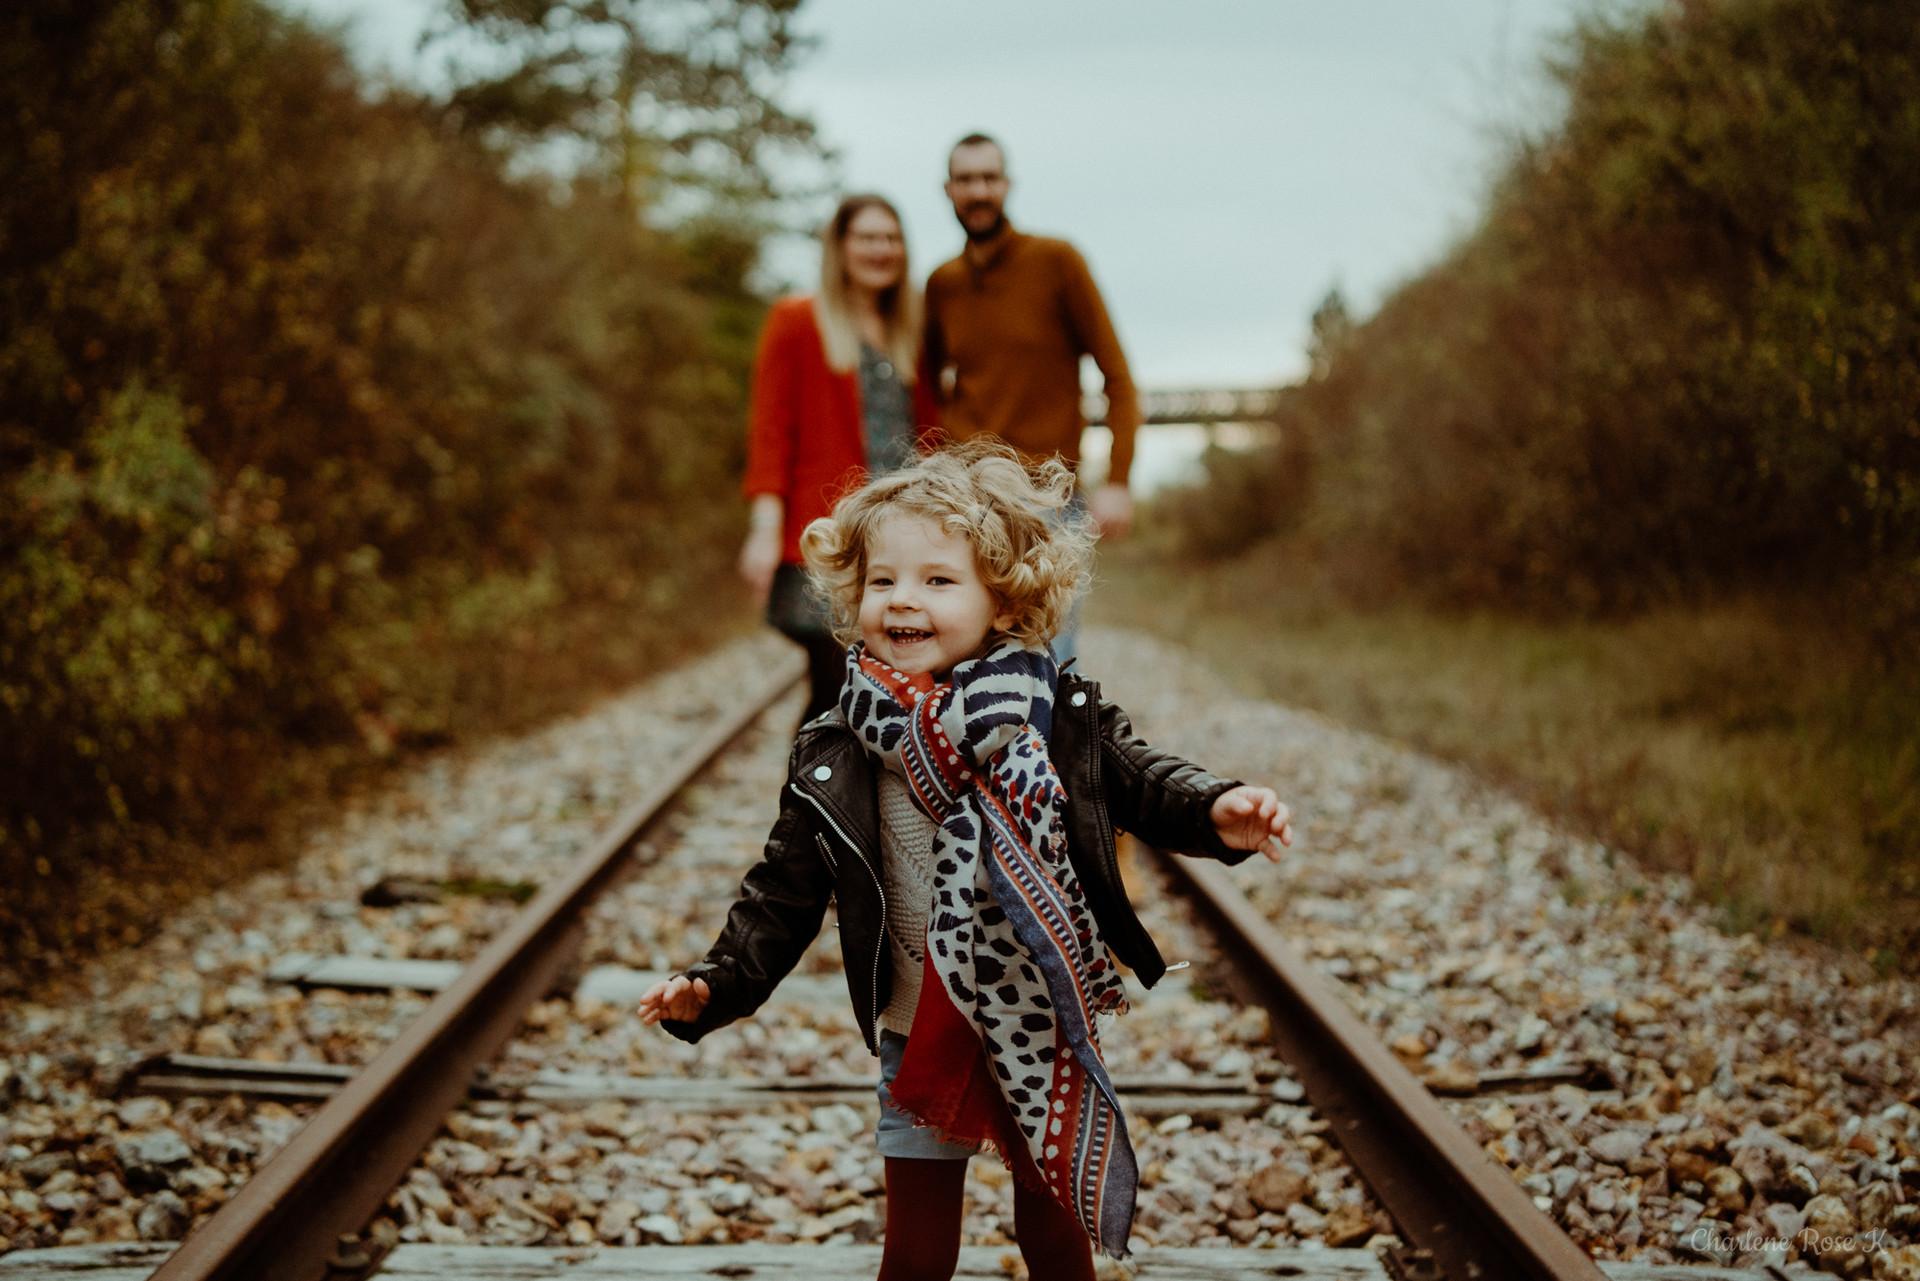 photographe-troyes-famille-enfants-exterieur-crk-7